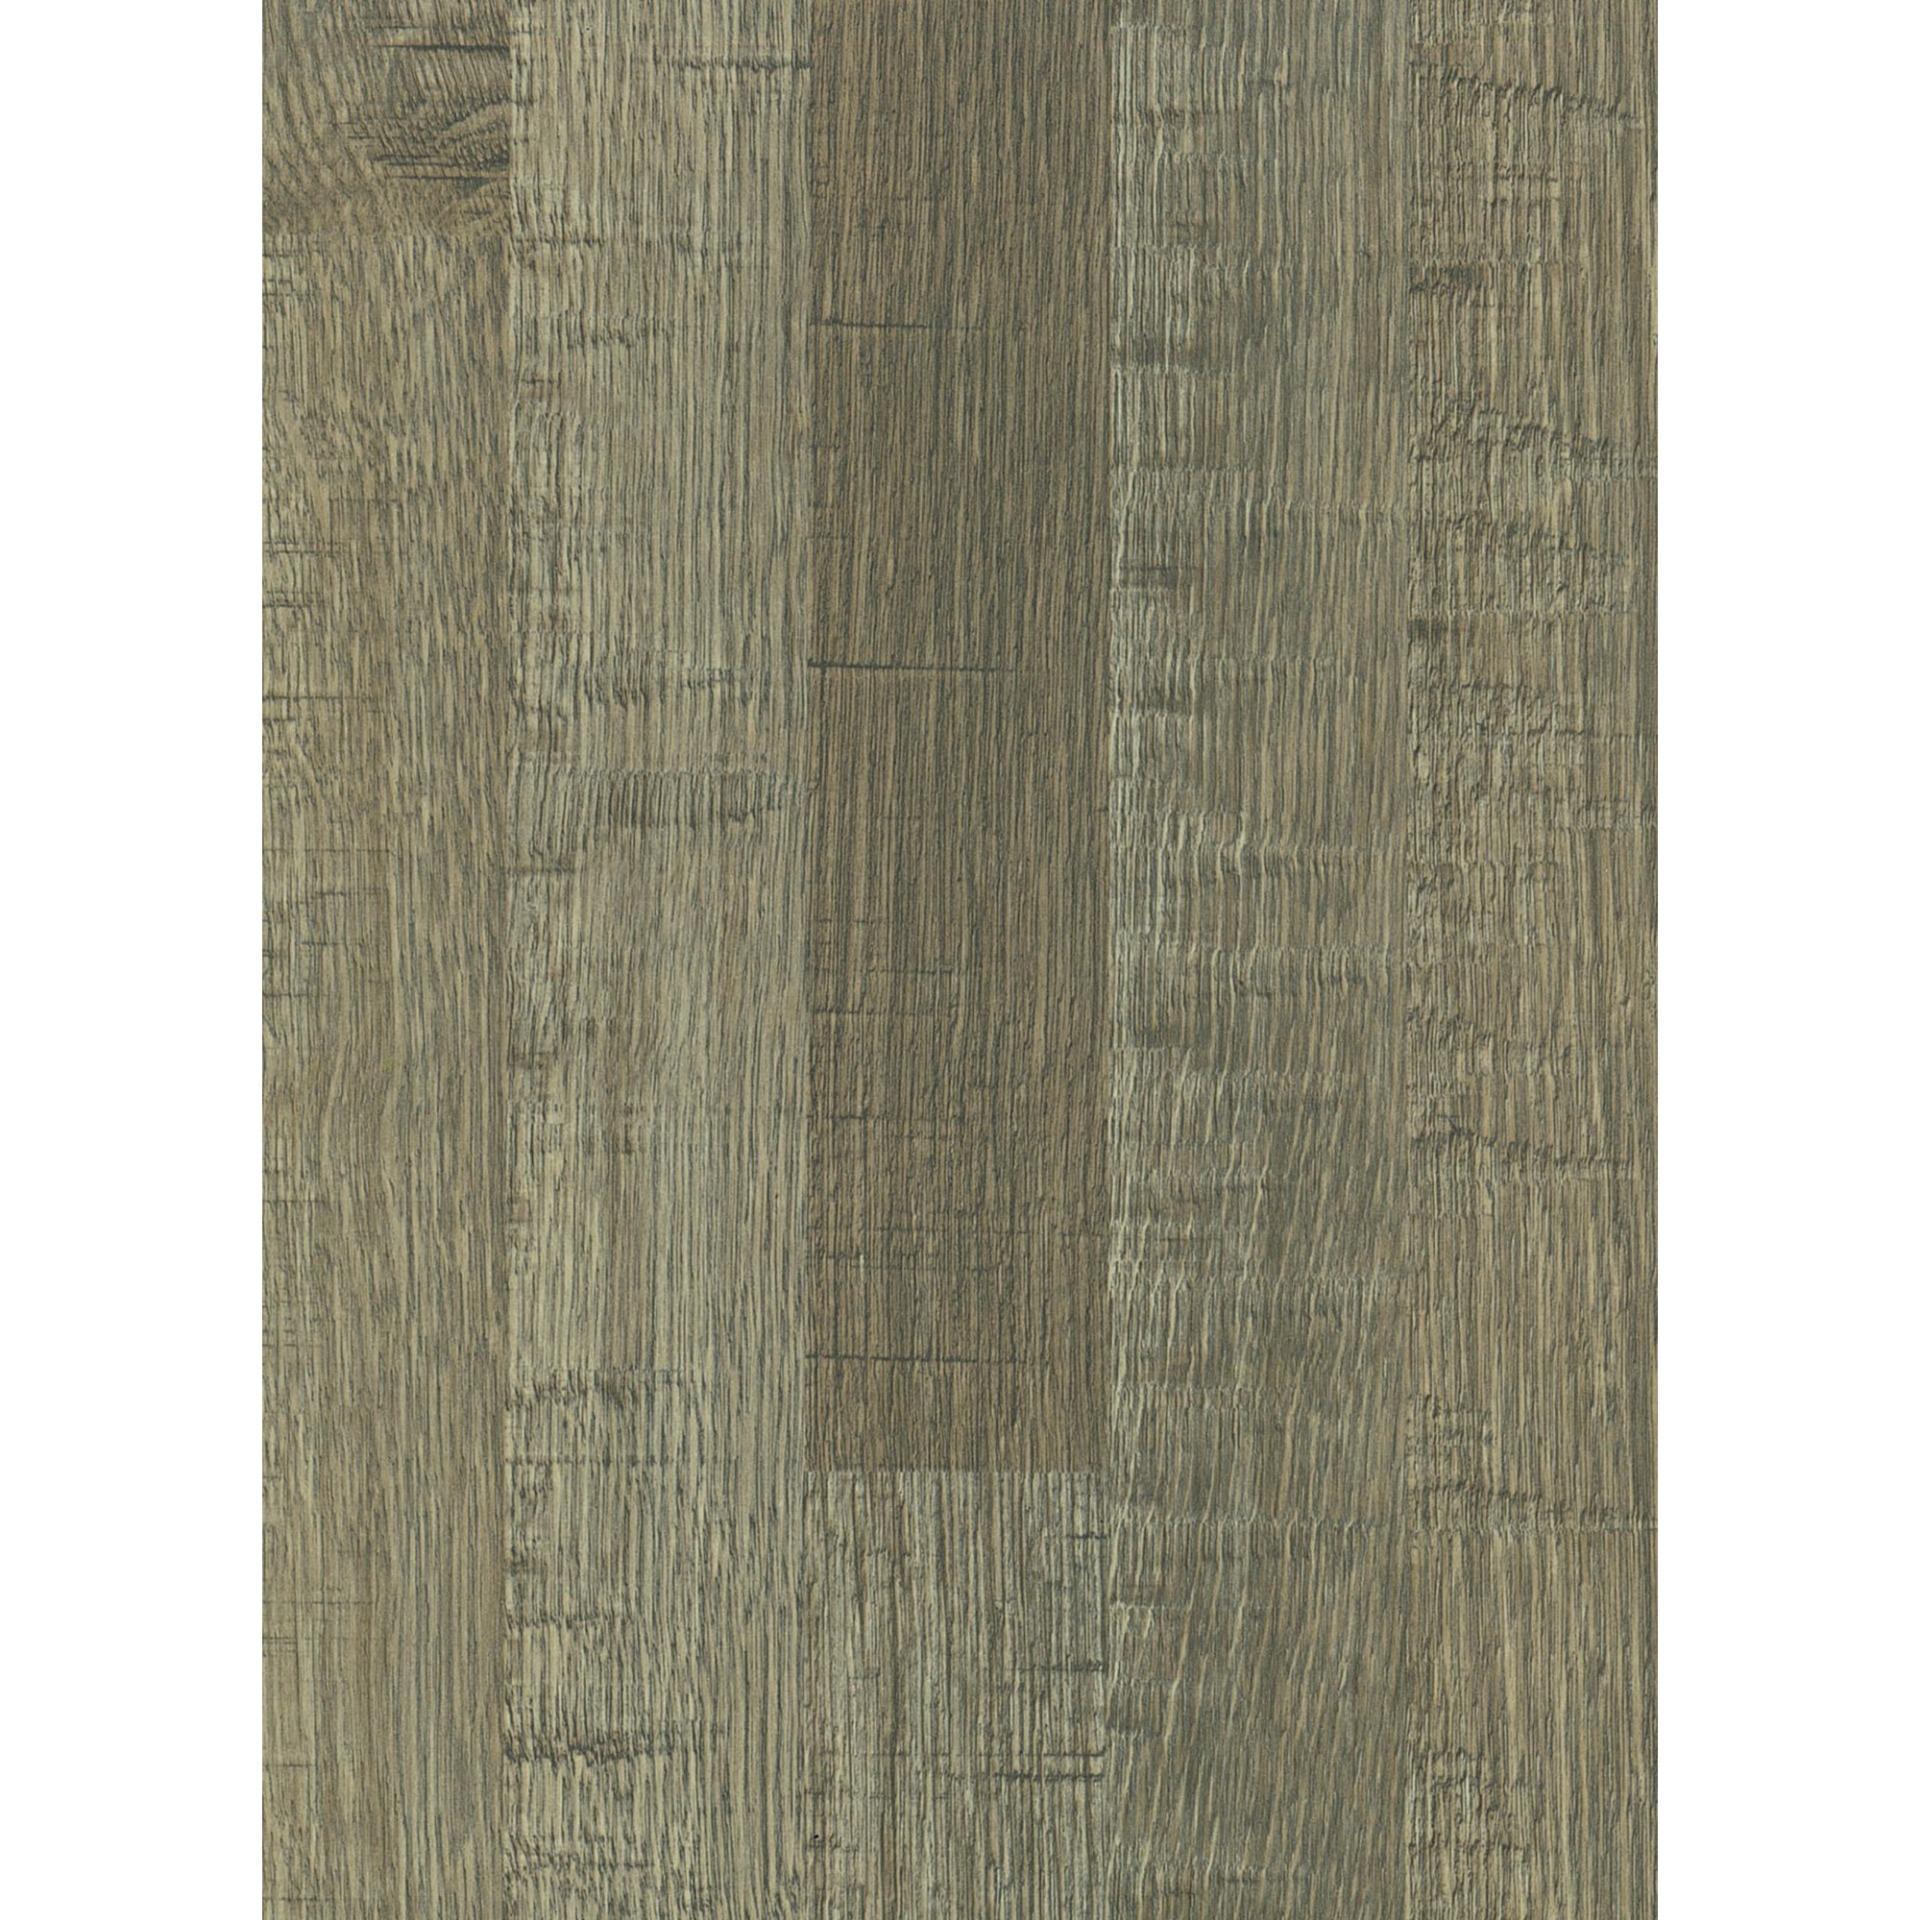 WOL - Laminate 4 x 8 thickness 0.7 mm Sheets - Santa Masone - HPL